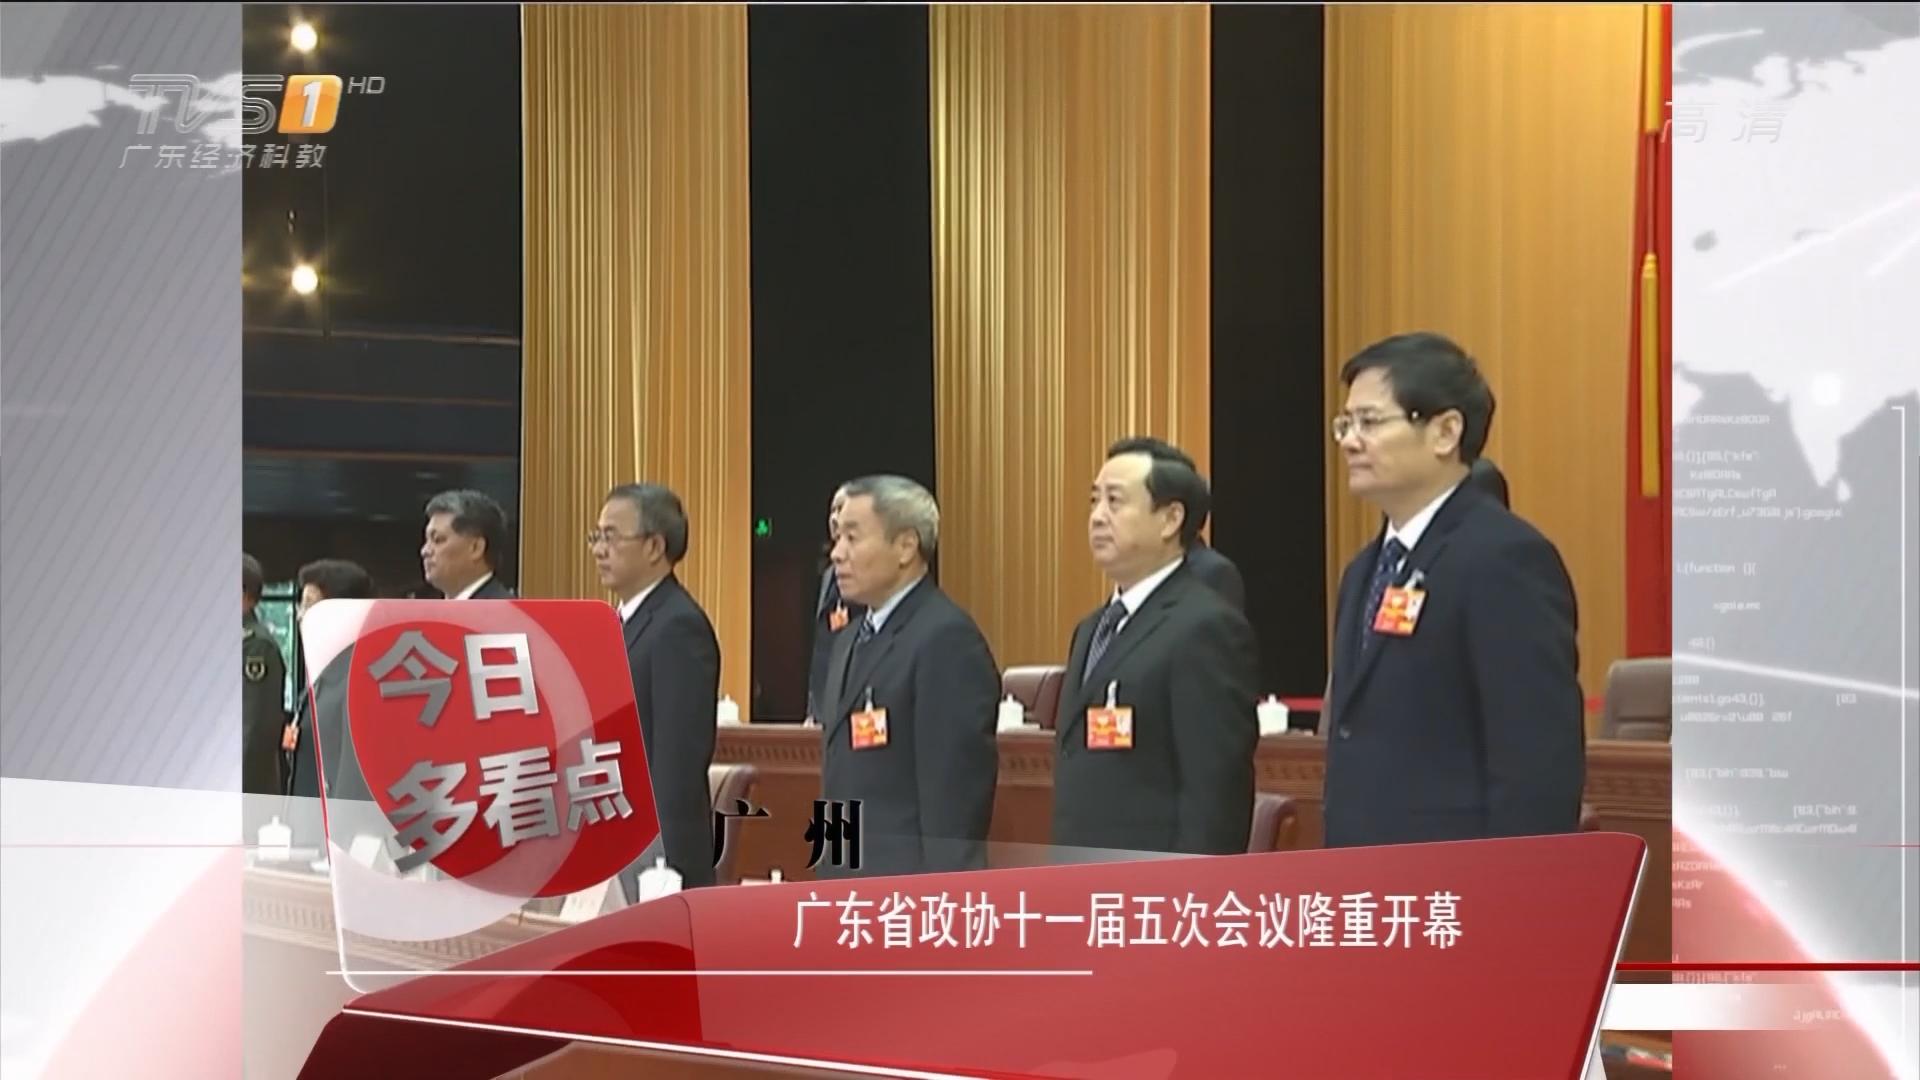 广州:广东省政协十一届五次会议隆重开幕